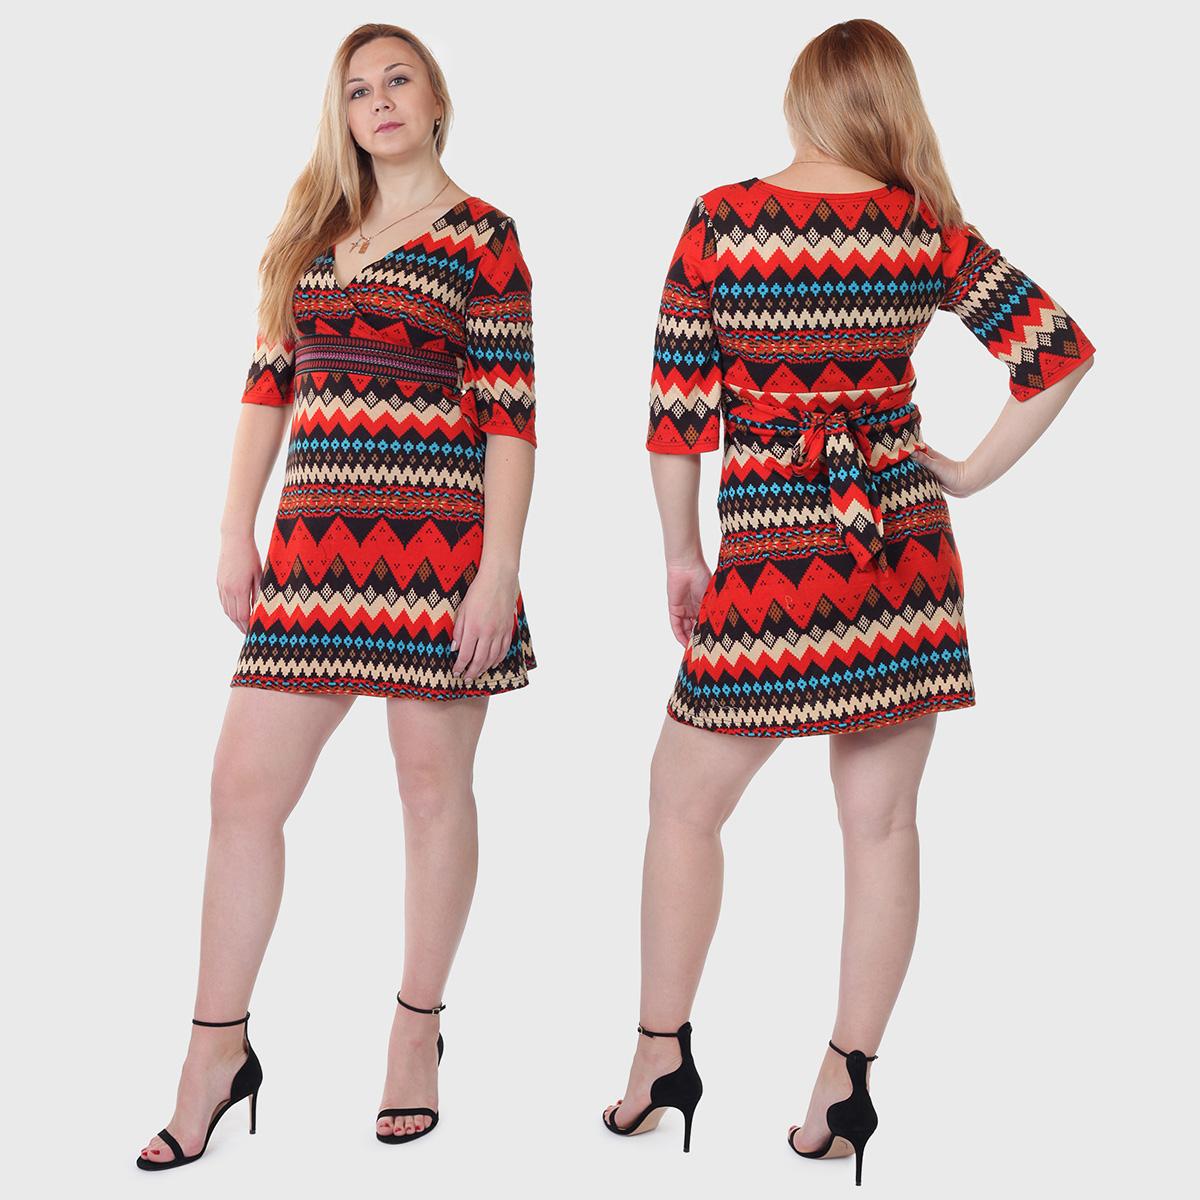 Трикотажный ХИТ! Яркое платье-туника Angie.